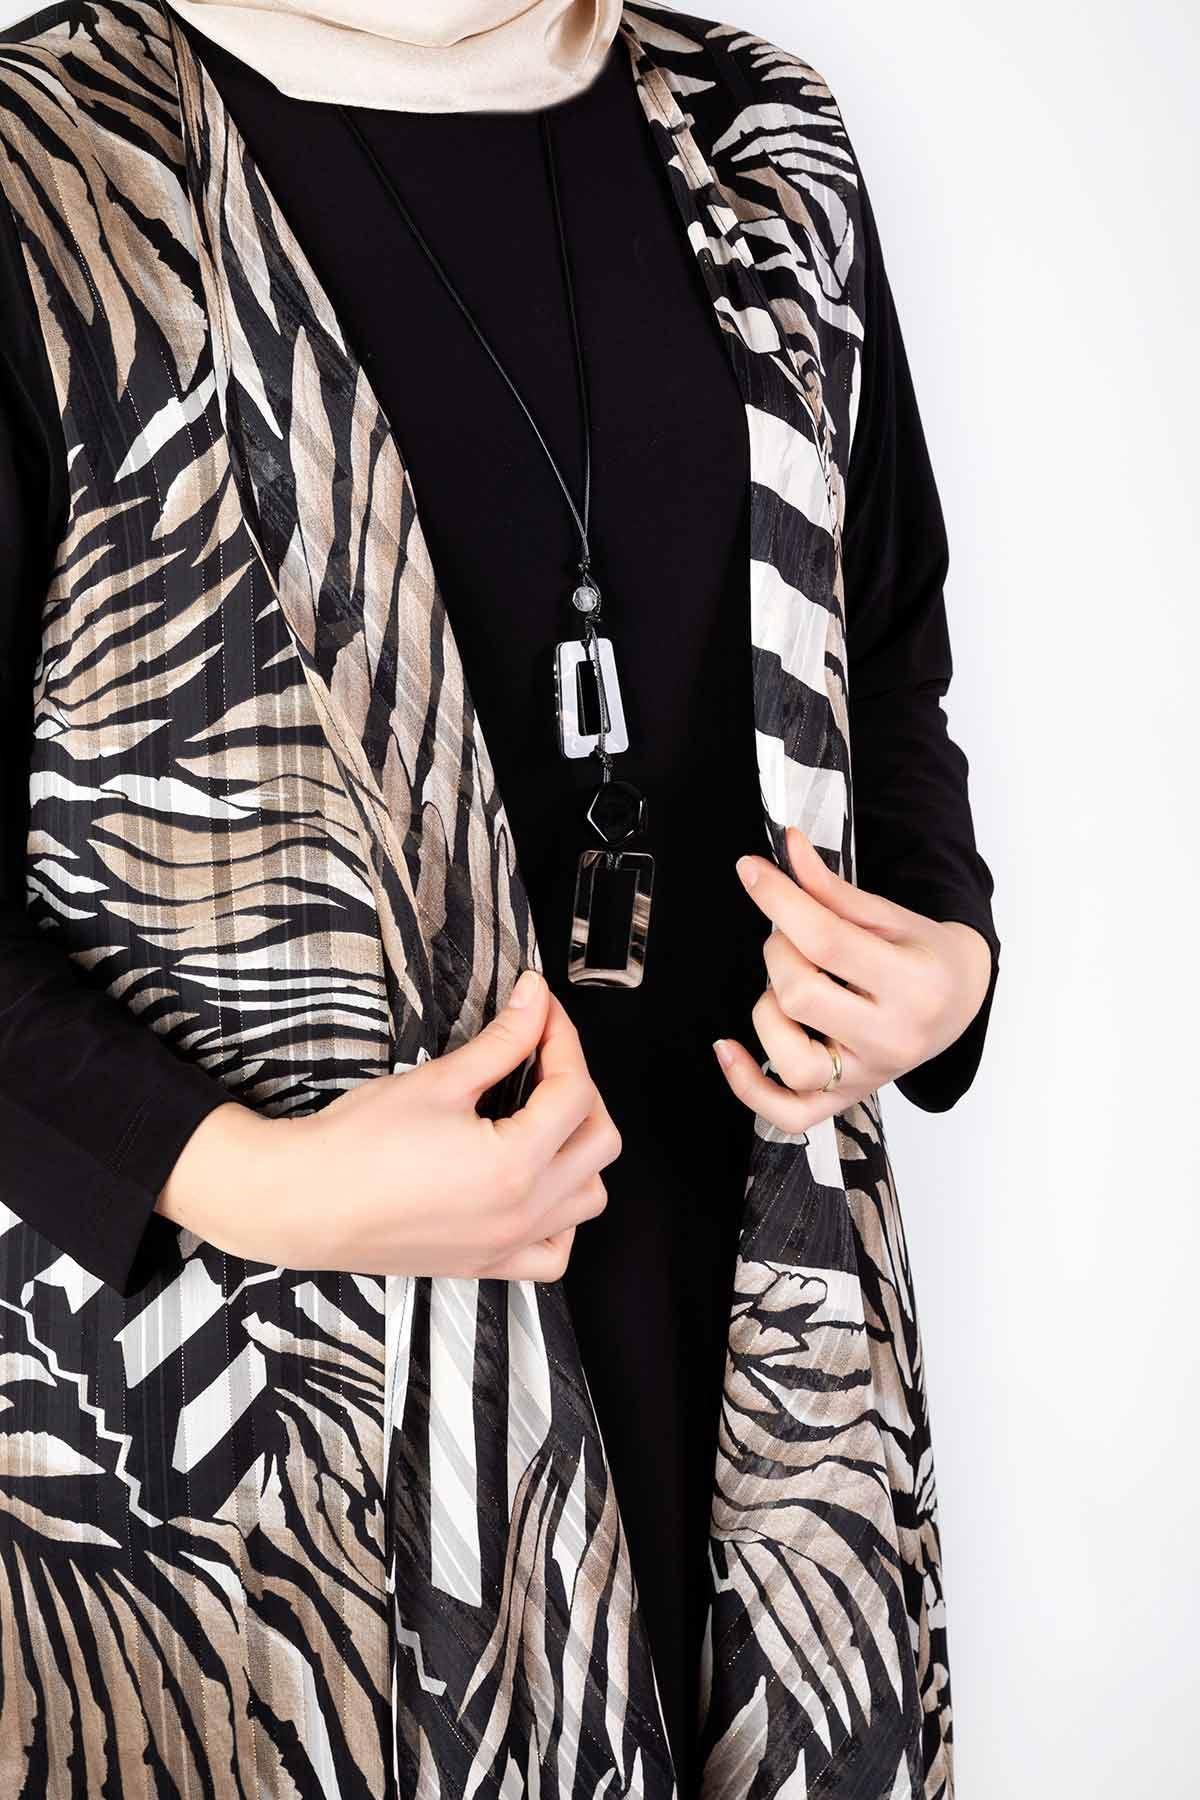 Büyük Beden İkili Ceketli Takım Vizon 45005